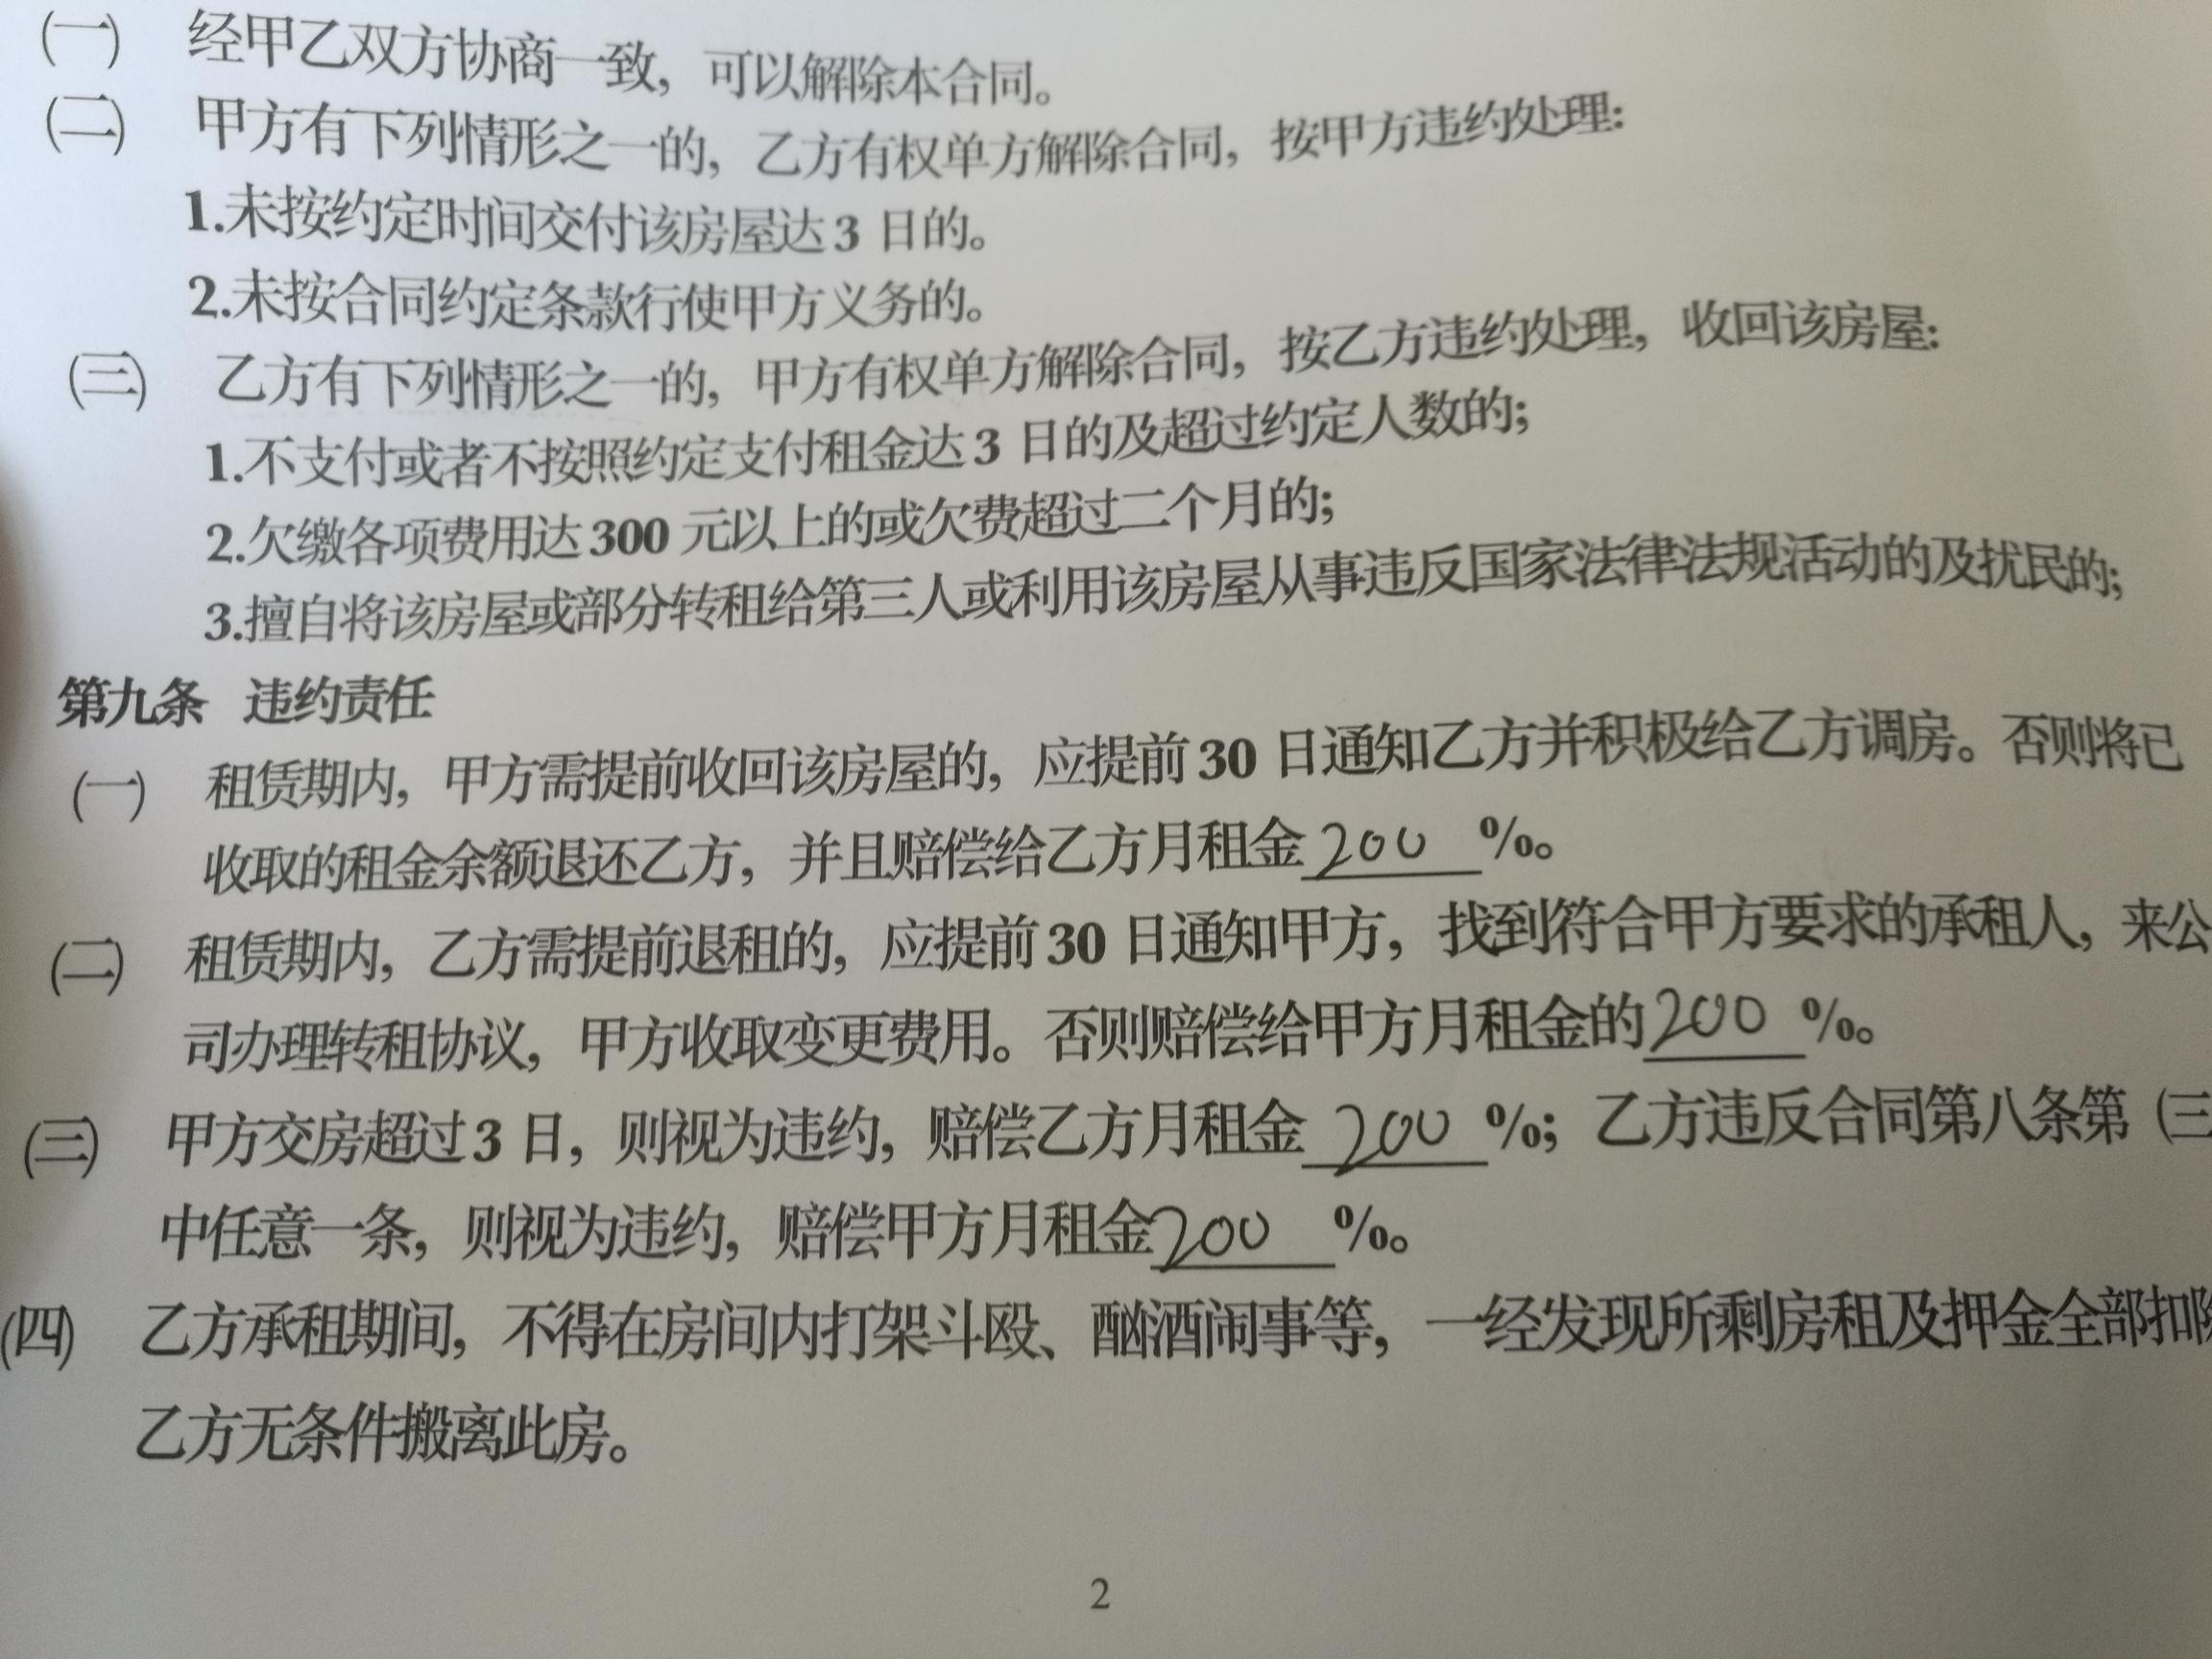 图5-5 合同上的违约规定